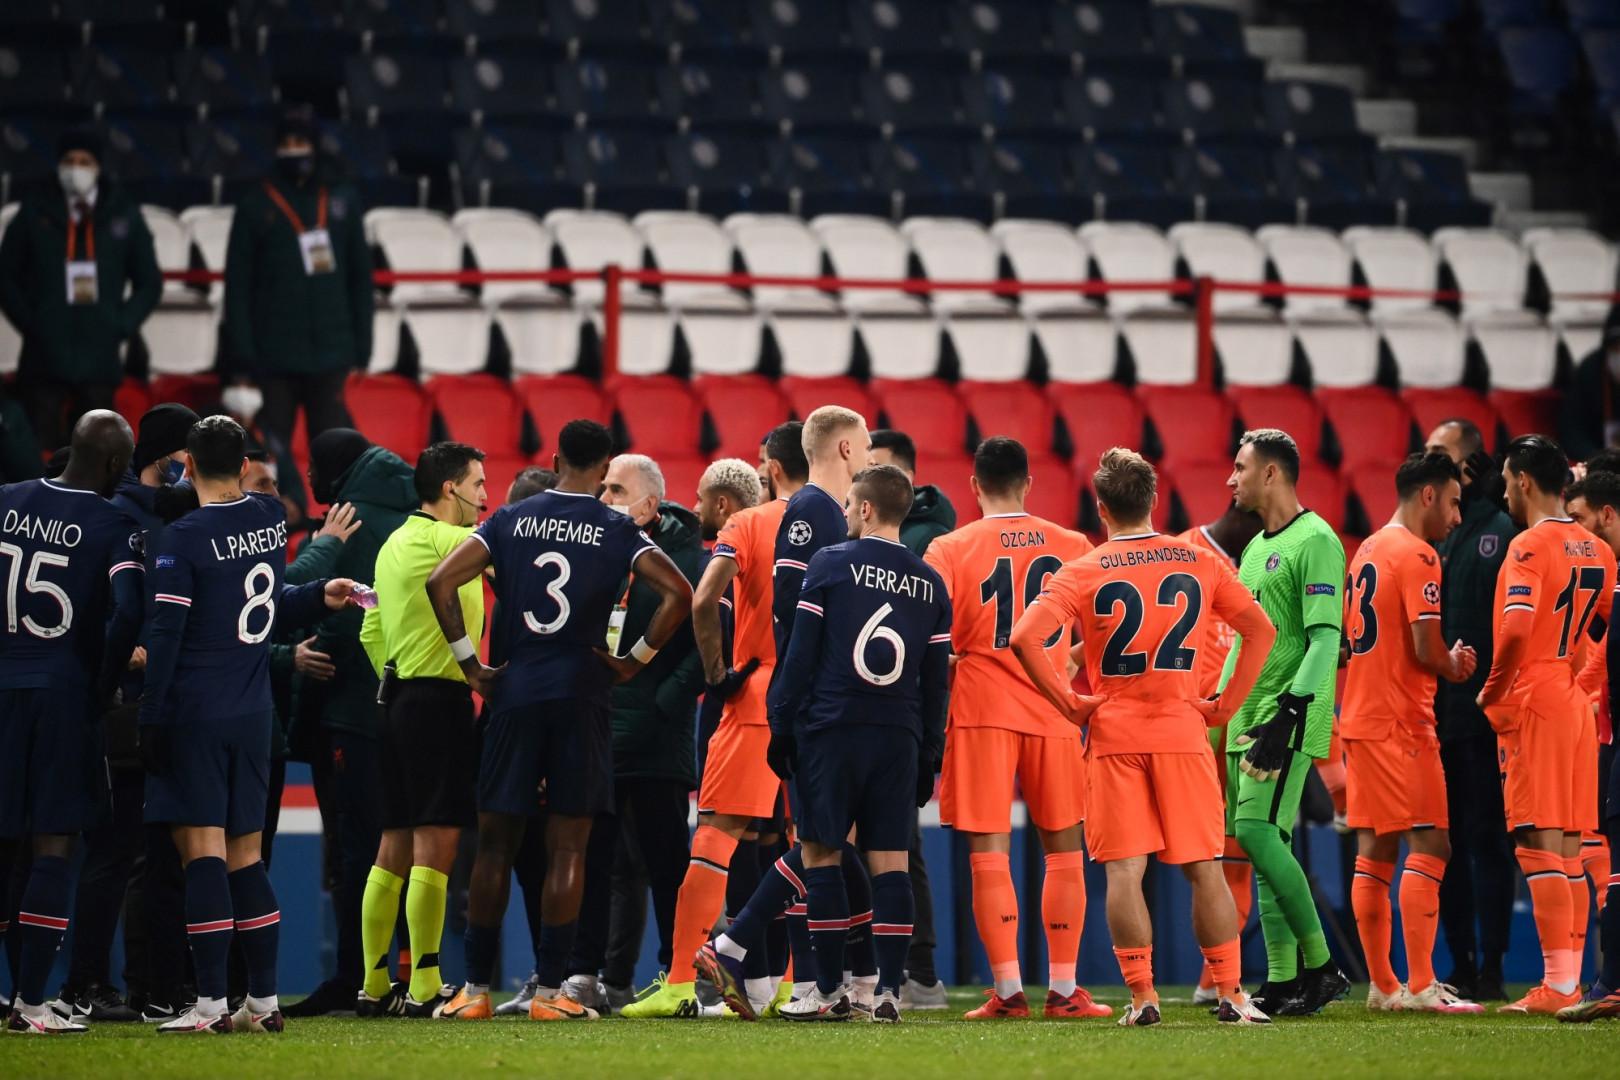 8 décembre : le PSG et Basaksehir décident d'interrompre leur rencontre de Ligue des champions